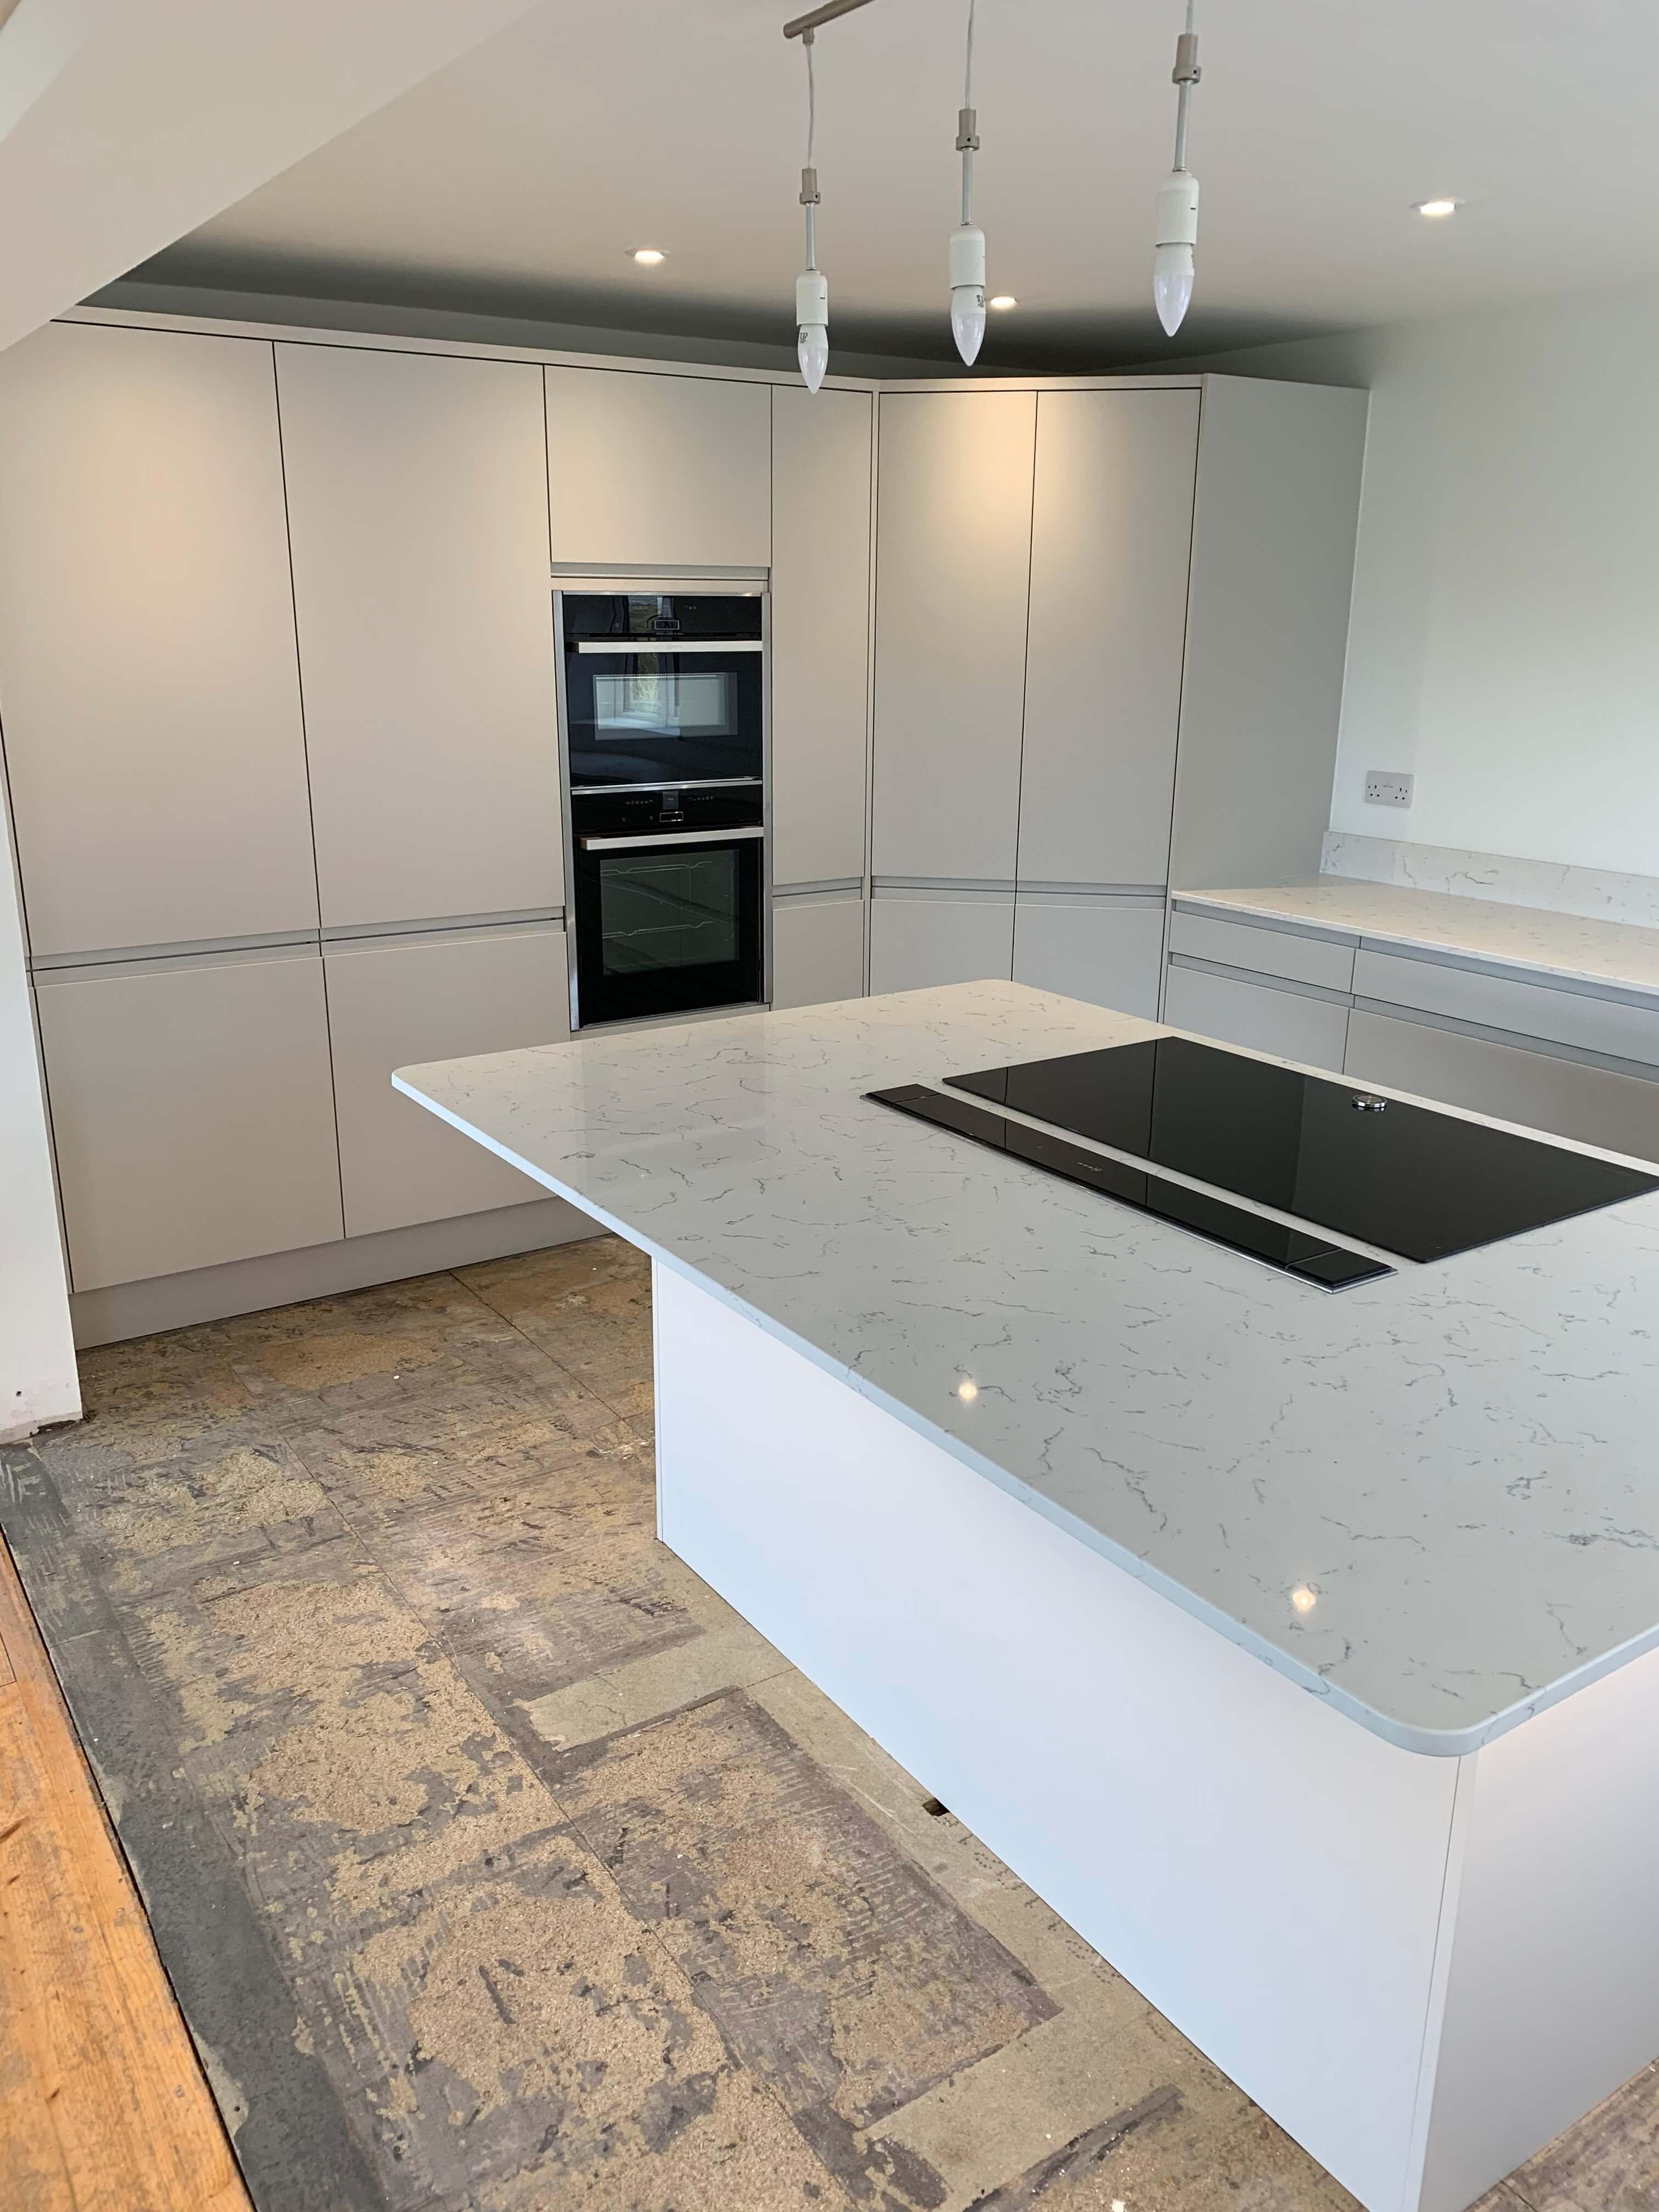 Handless Kitchen in Matt Dove Grey